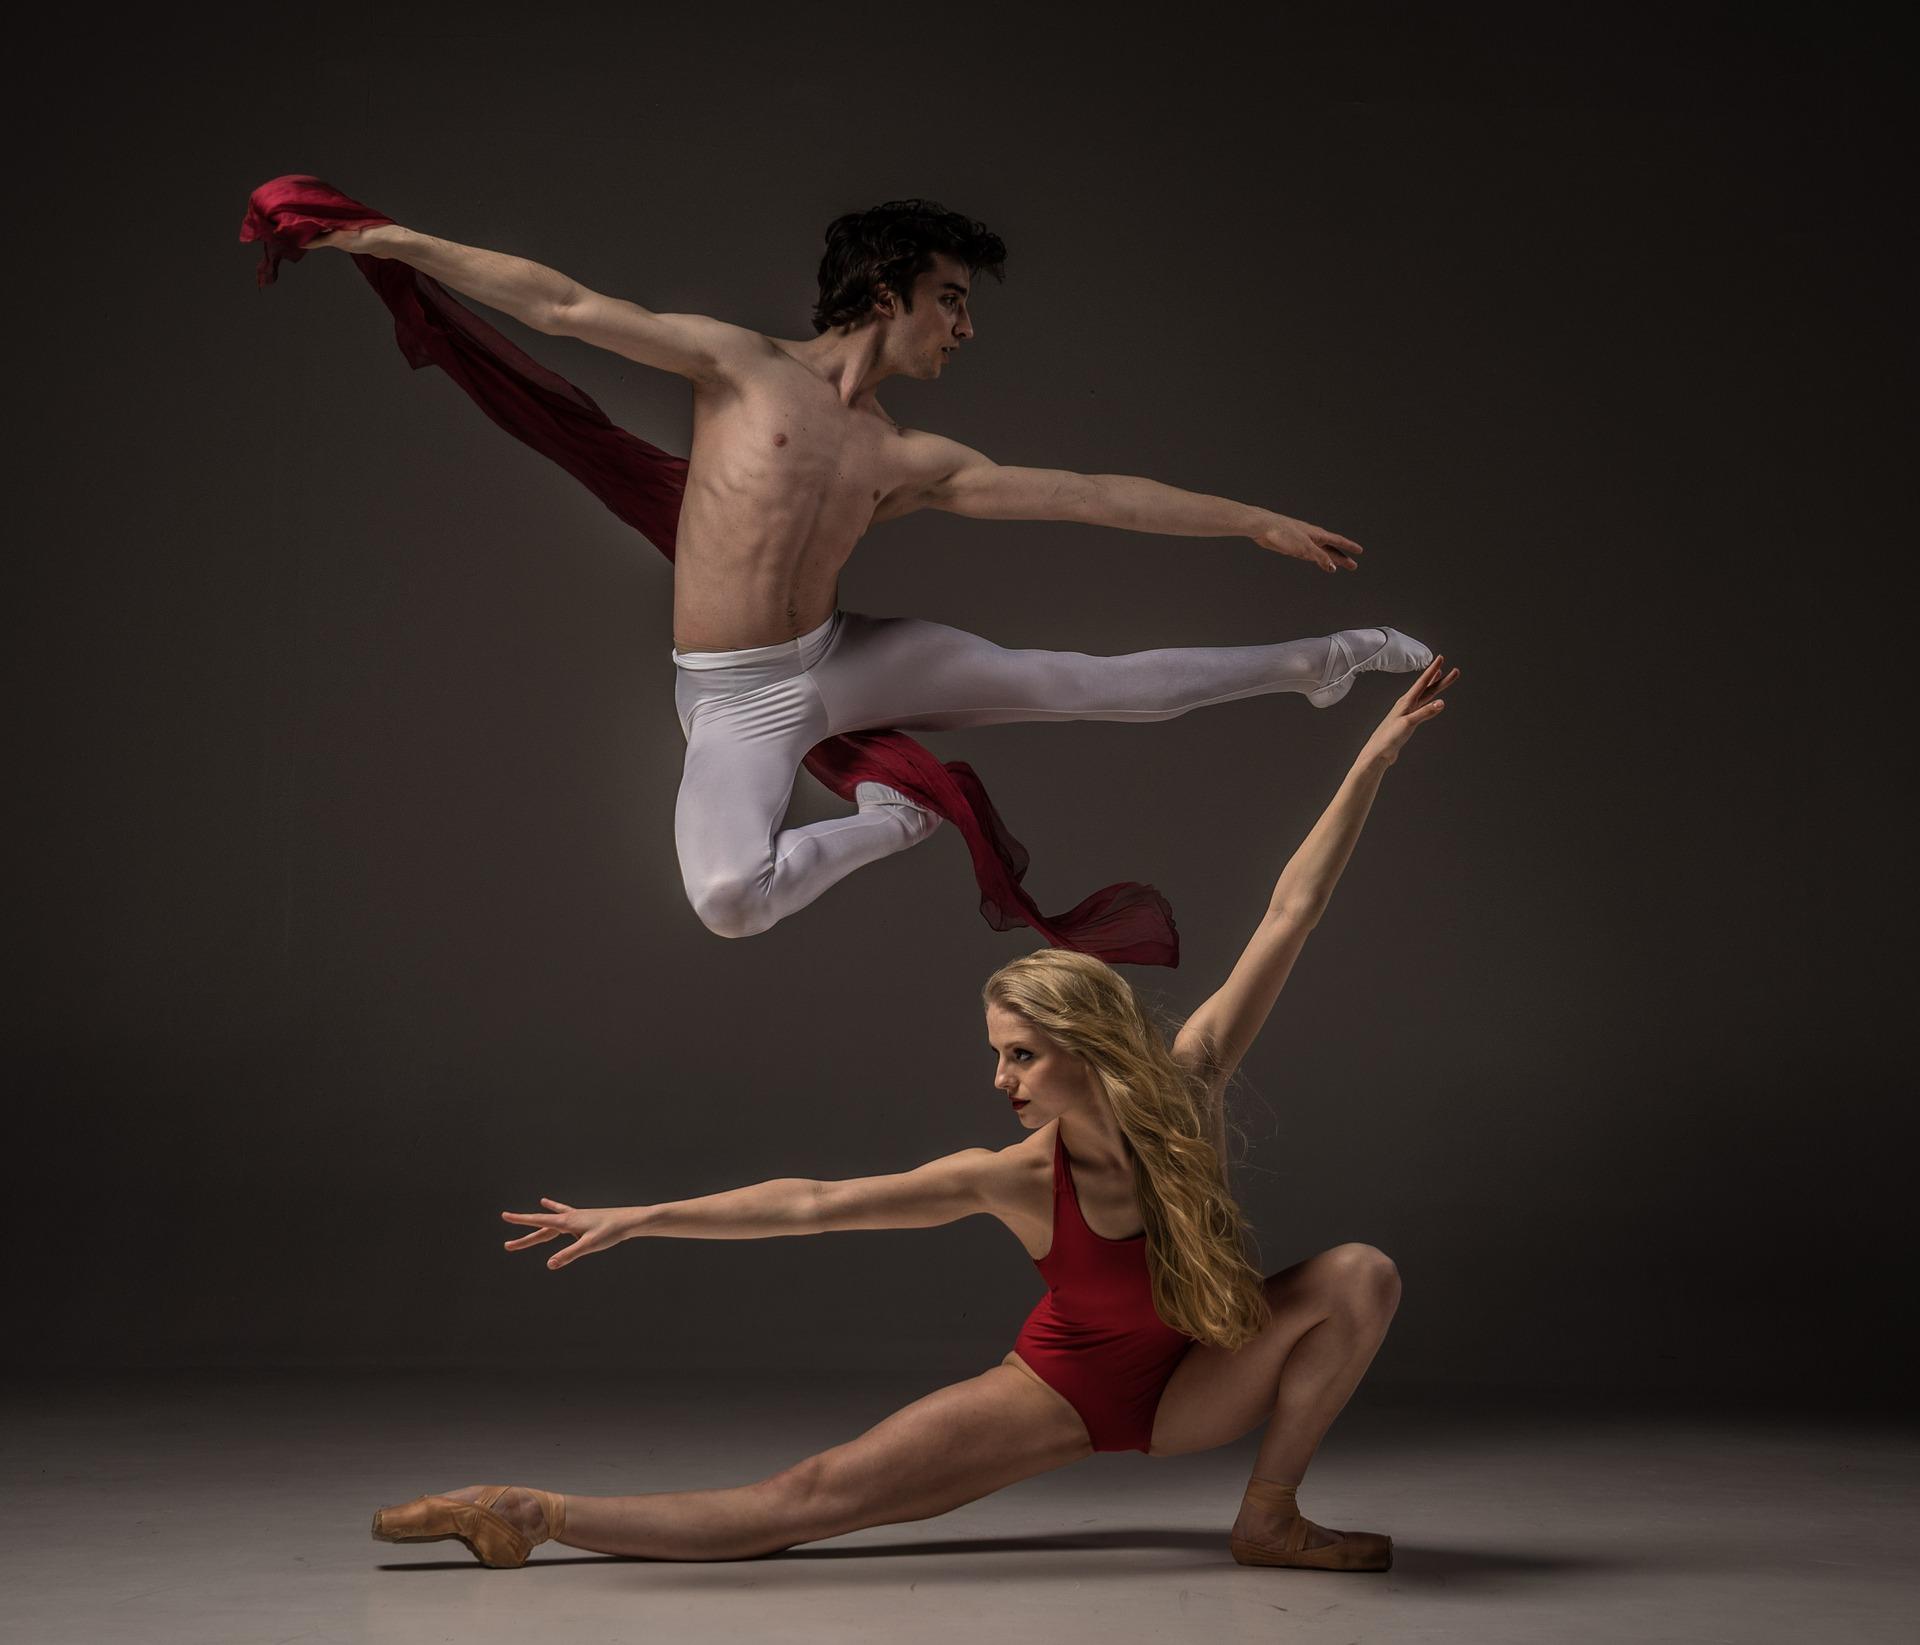 ダンス関連のお仕事はダンサーだけではない